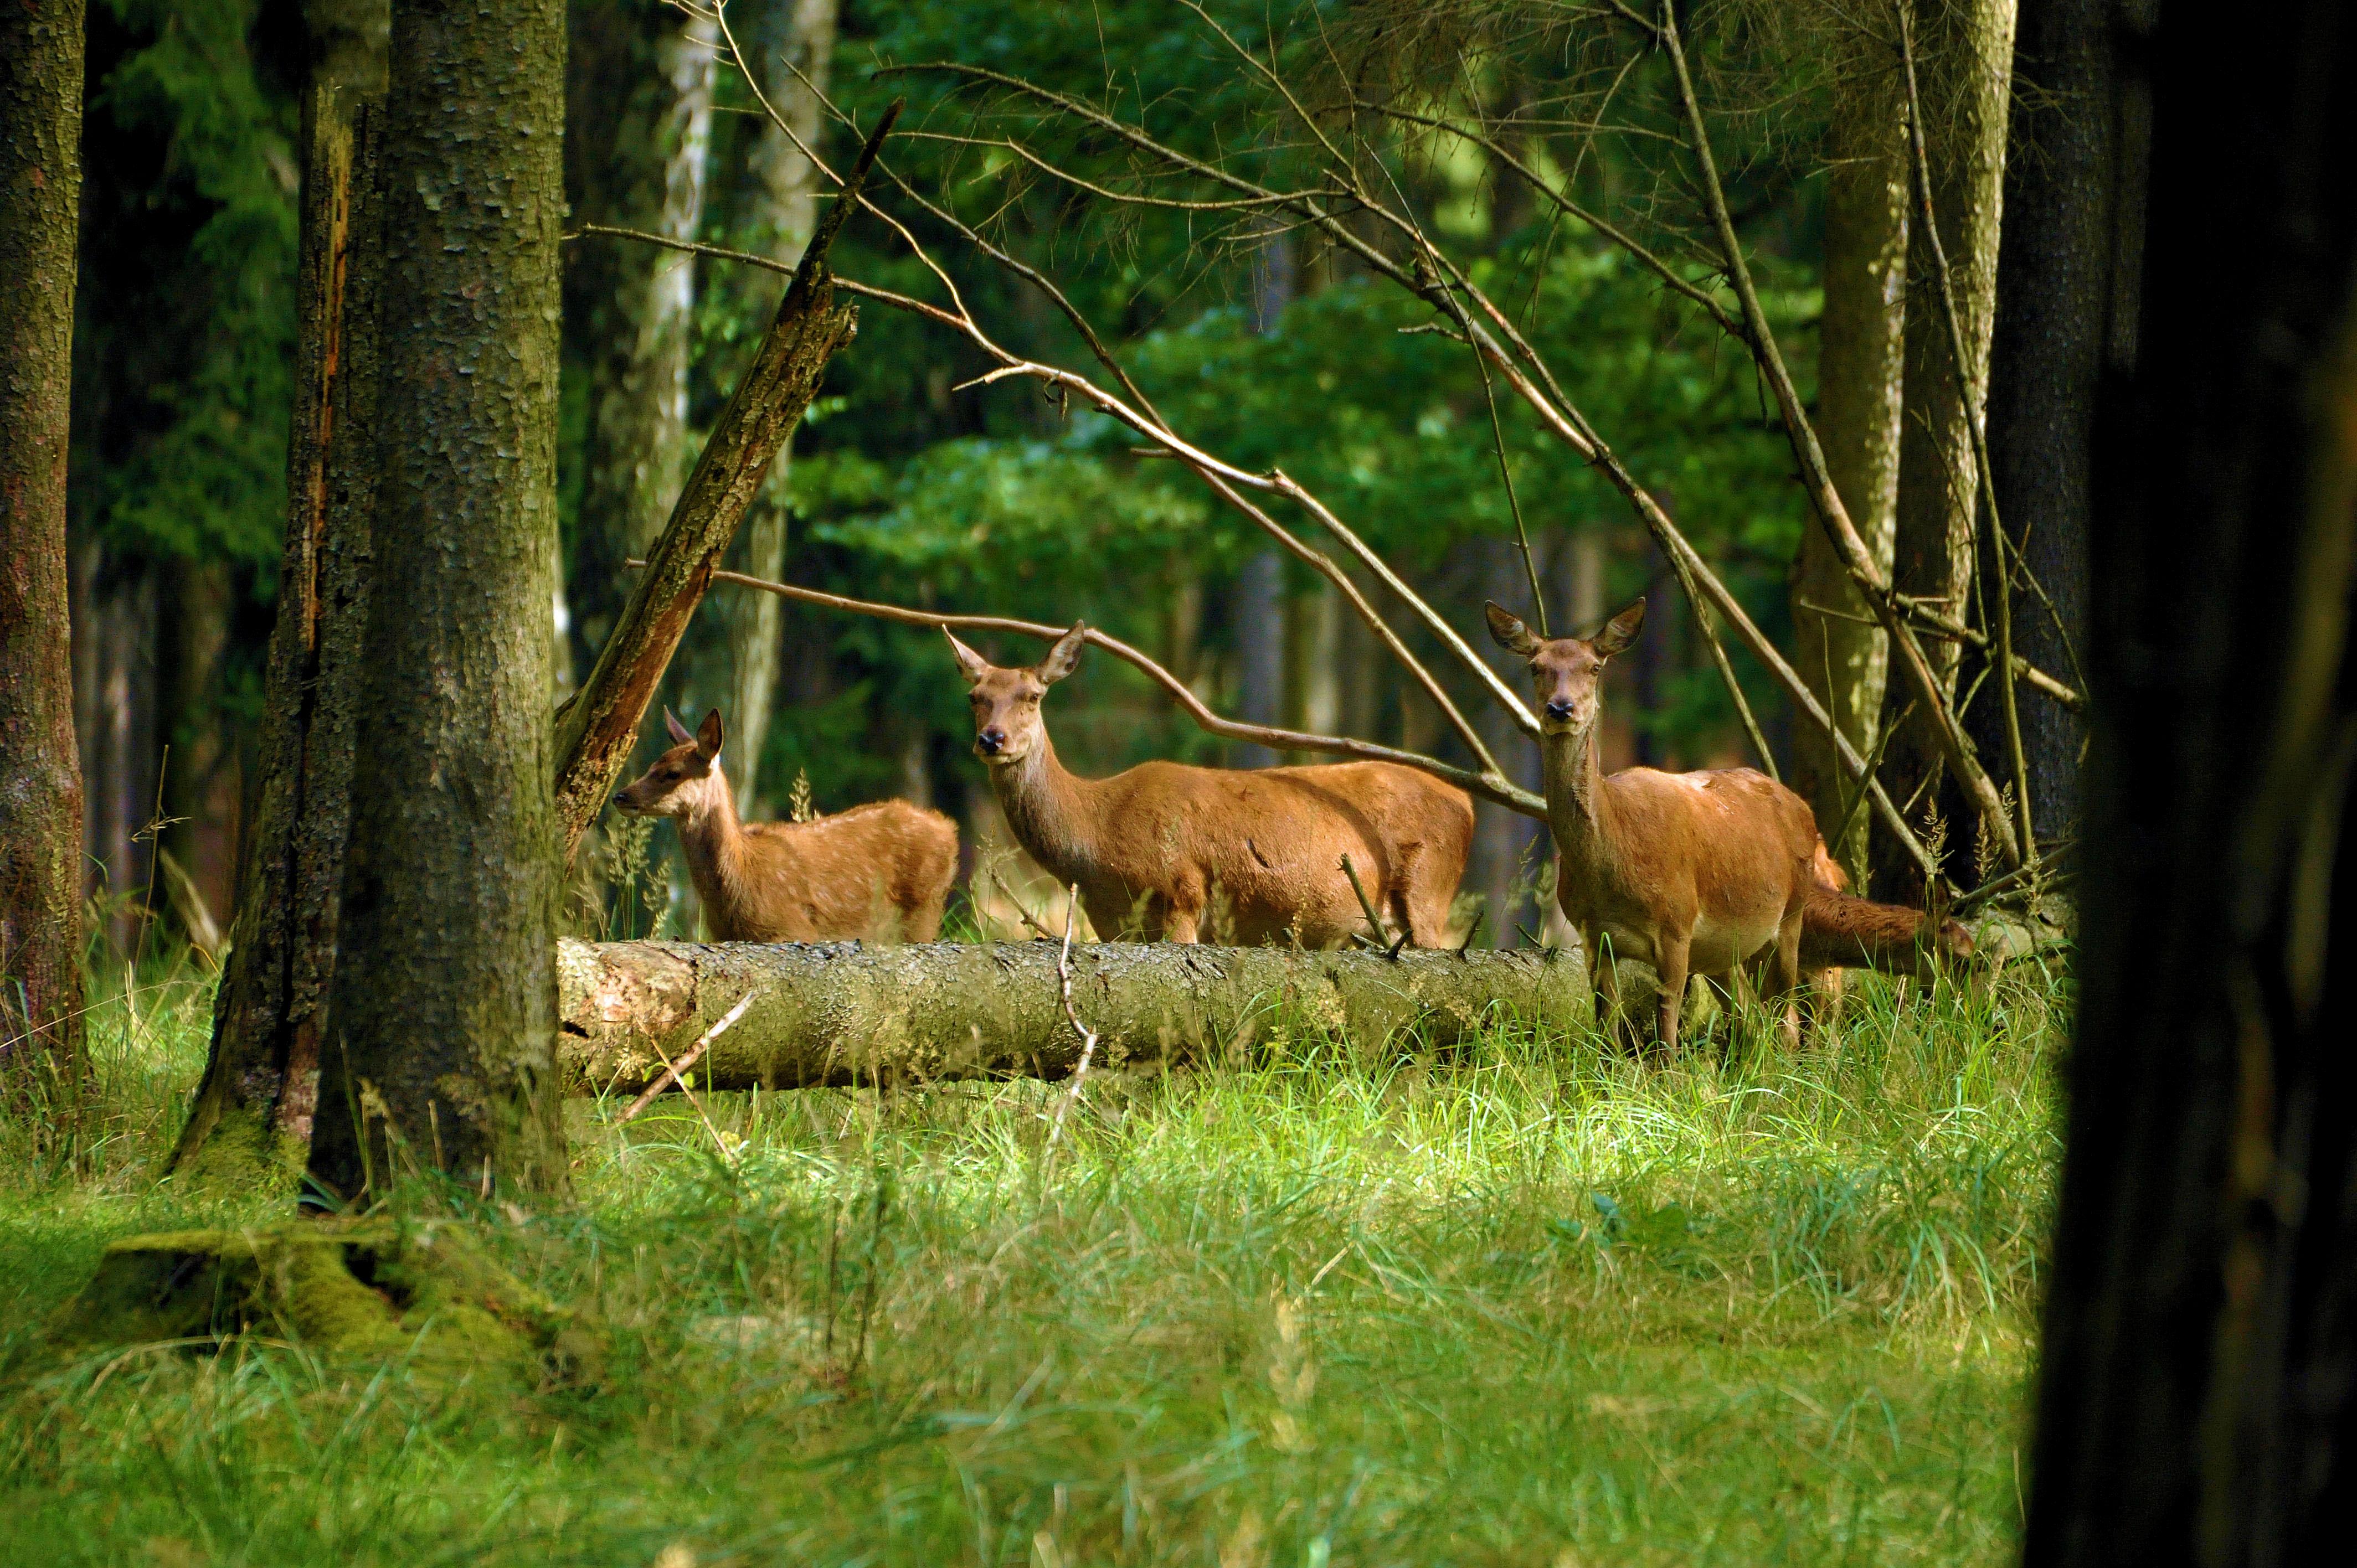 Jagd auf Rotwild im Forstamt Schuenhagen - trotz Schonzeit!